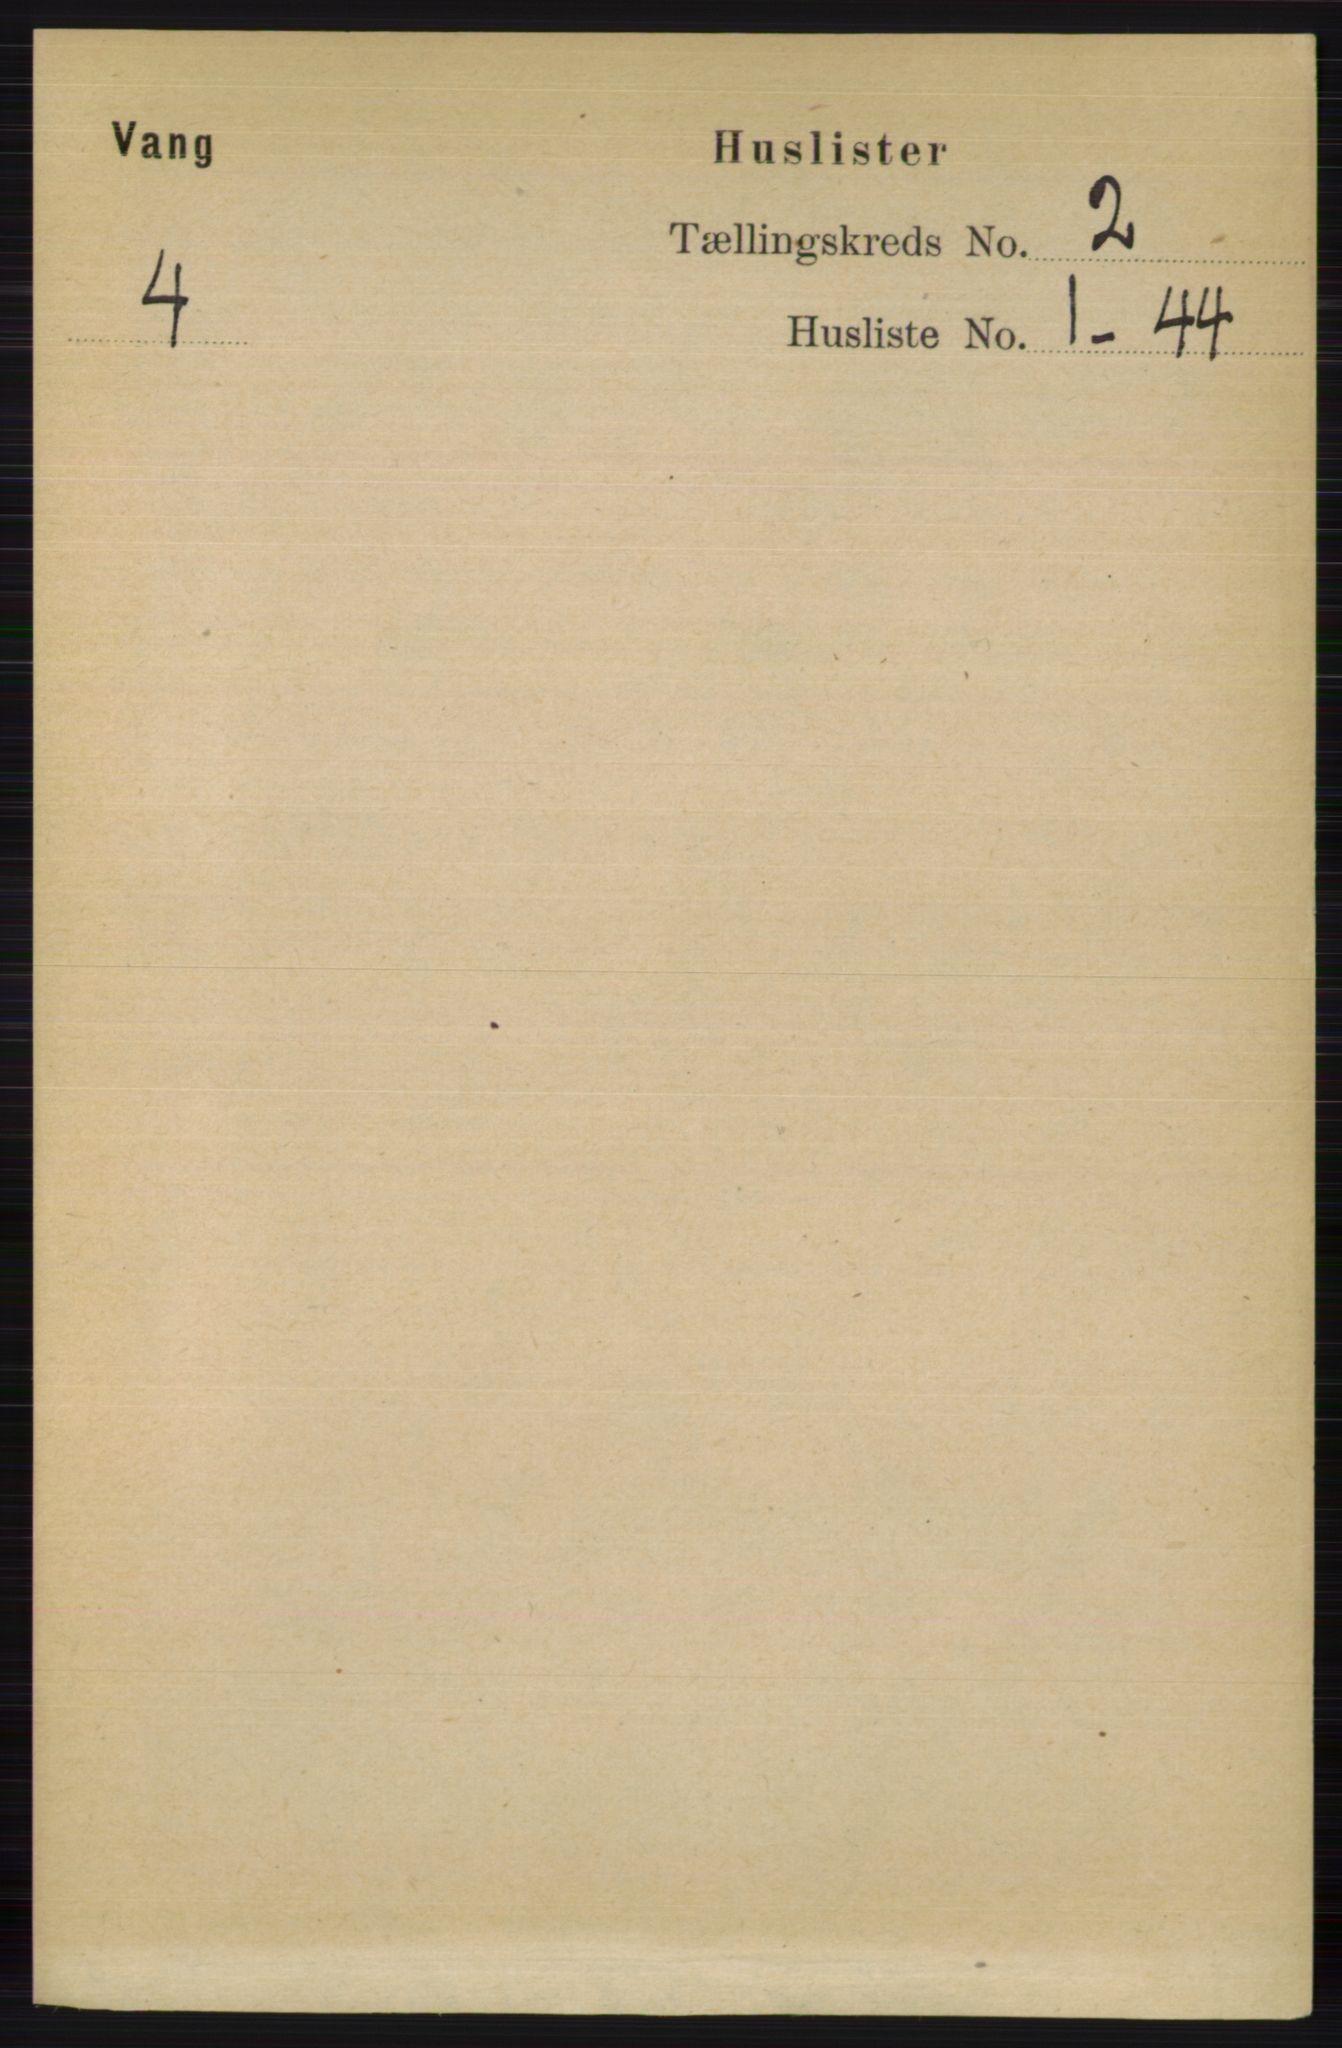 RA, Folketelling 1891 for 0545 Vang herred, 1891, s. 347